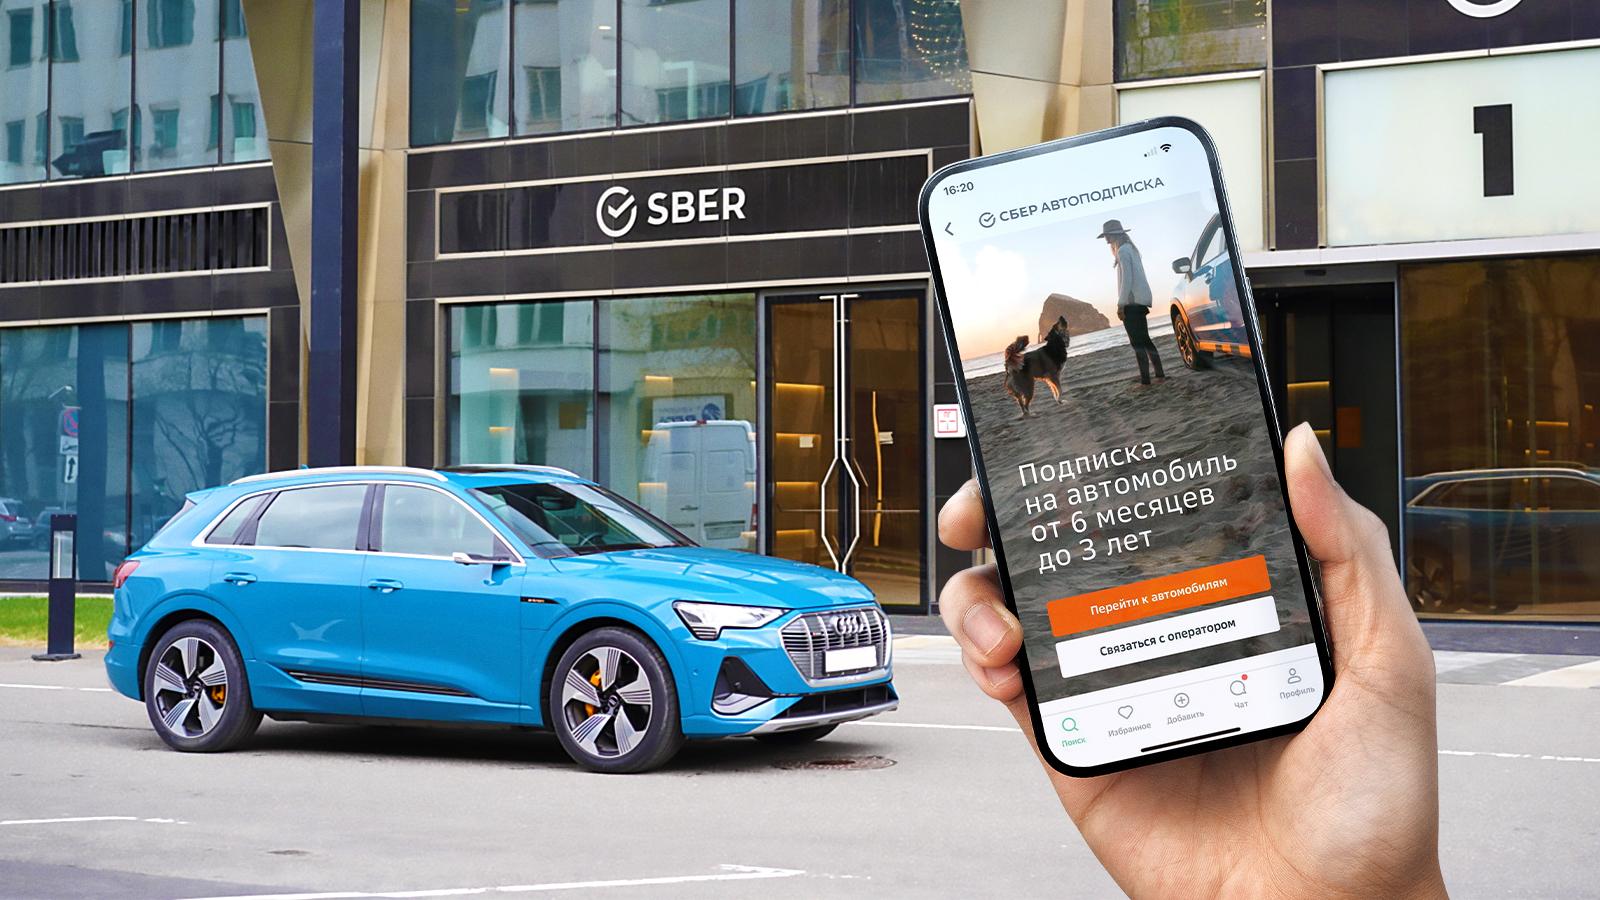 «Сбер» запустил сервис поподписке автомобилей: какие машины доступны и за сколько